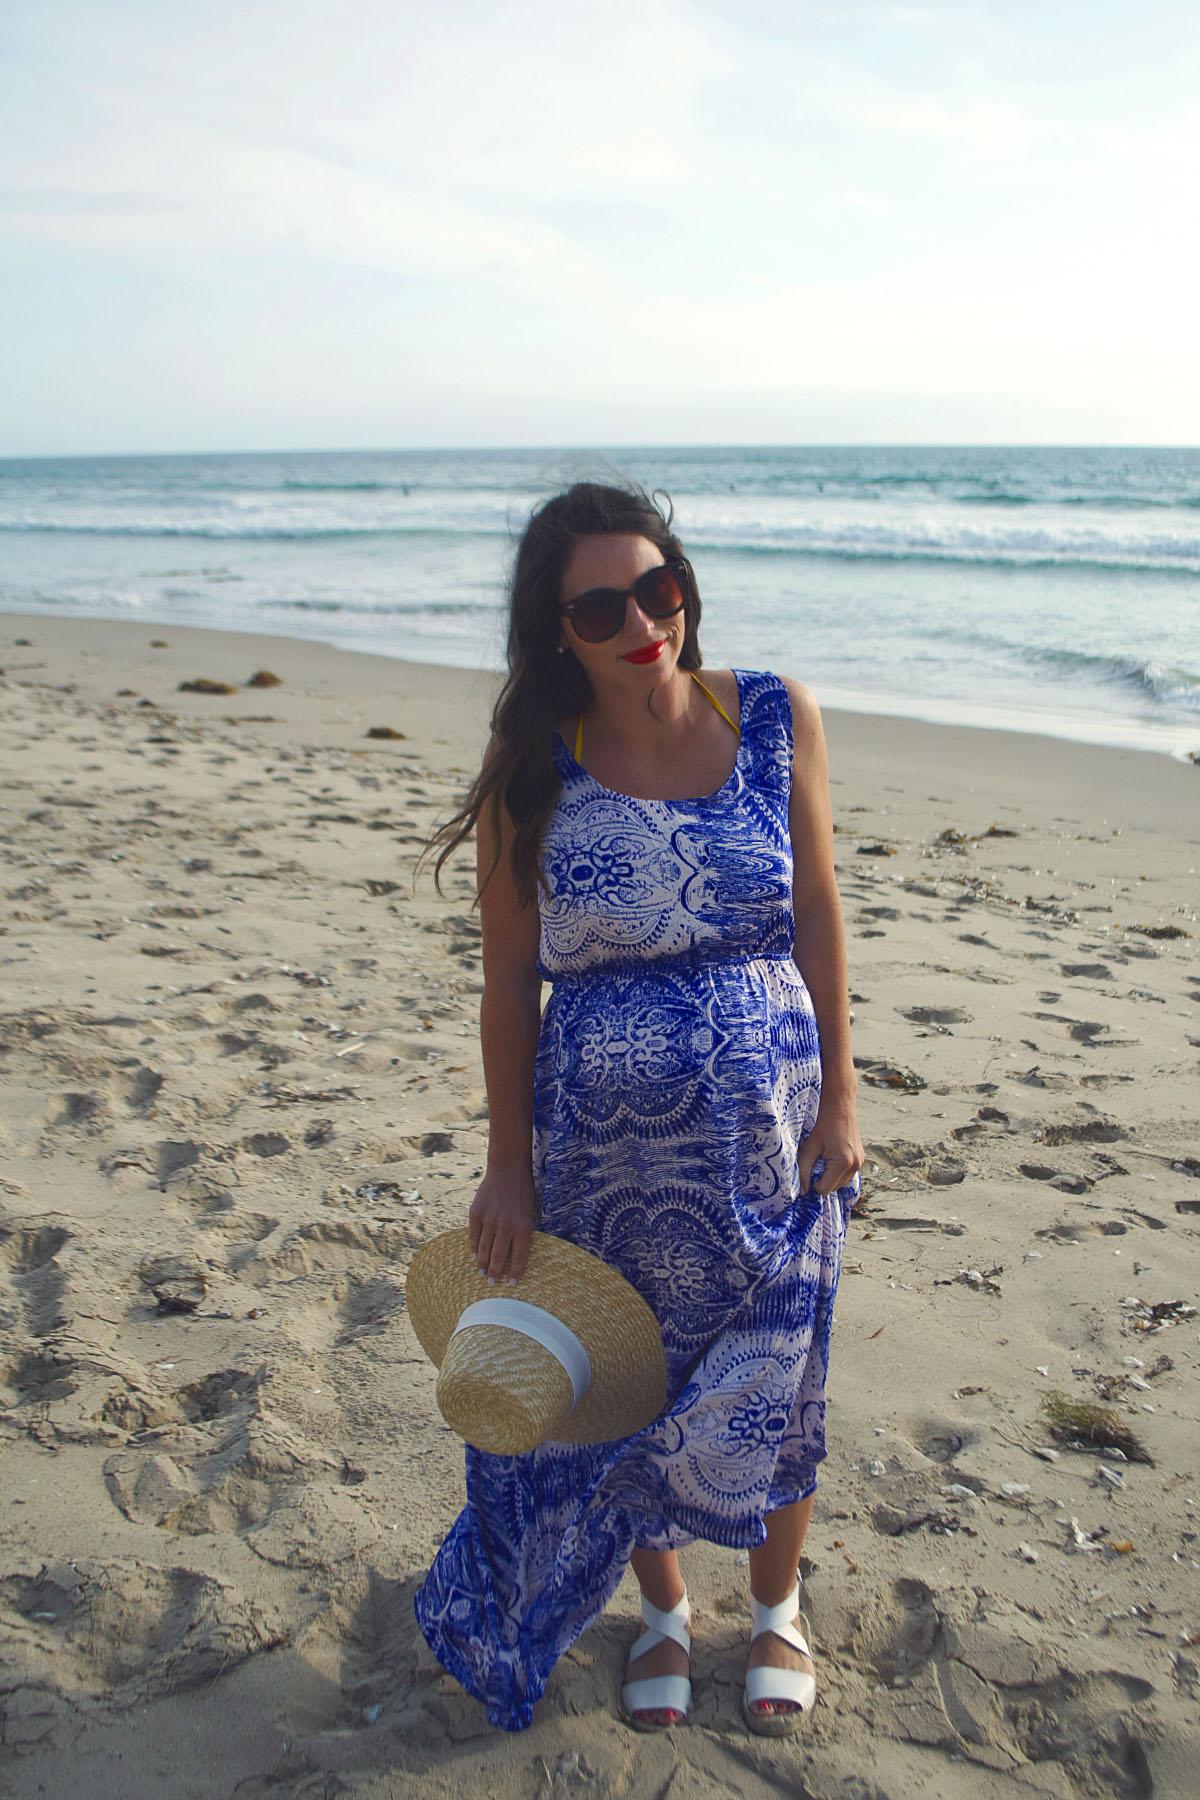 beach_7.jpg